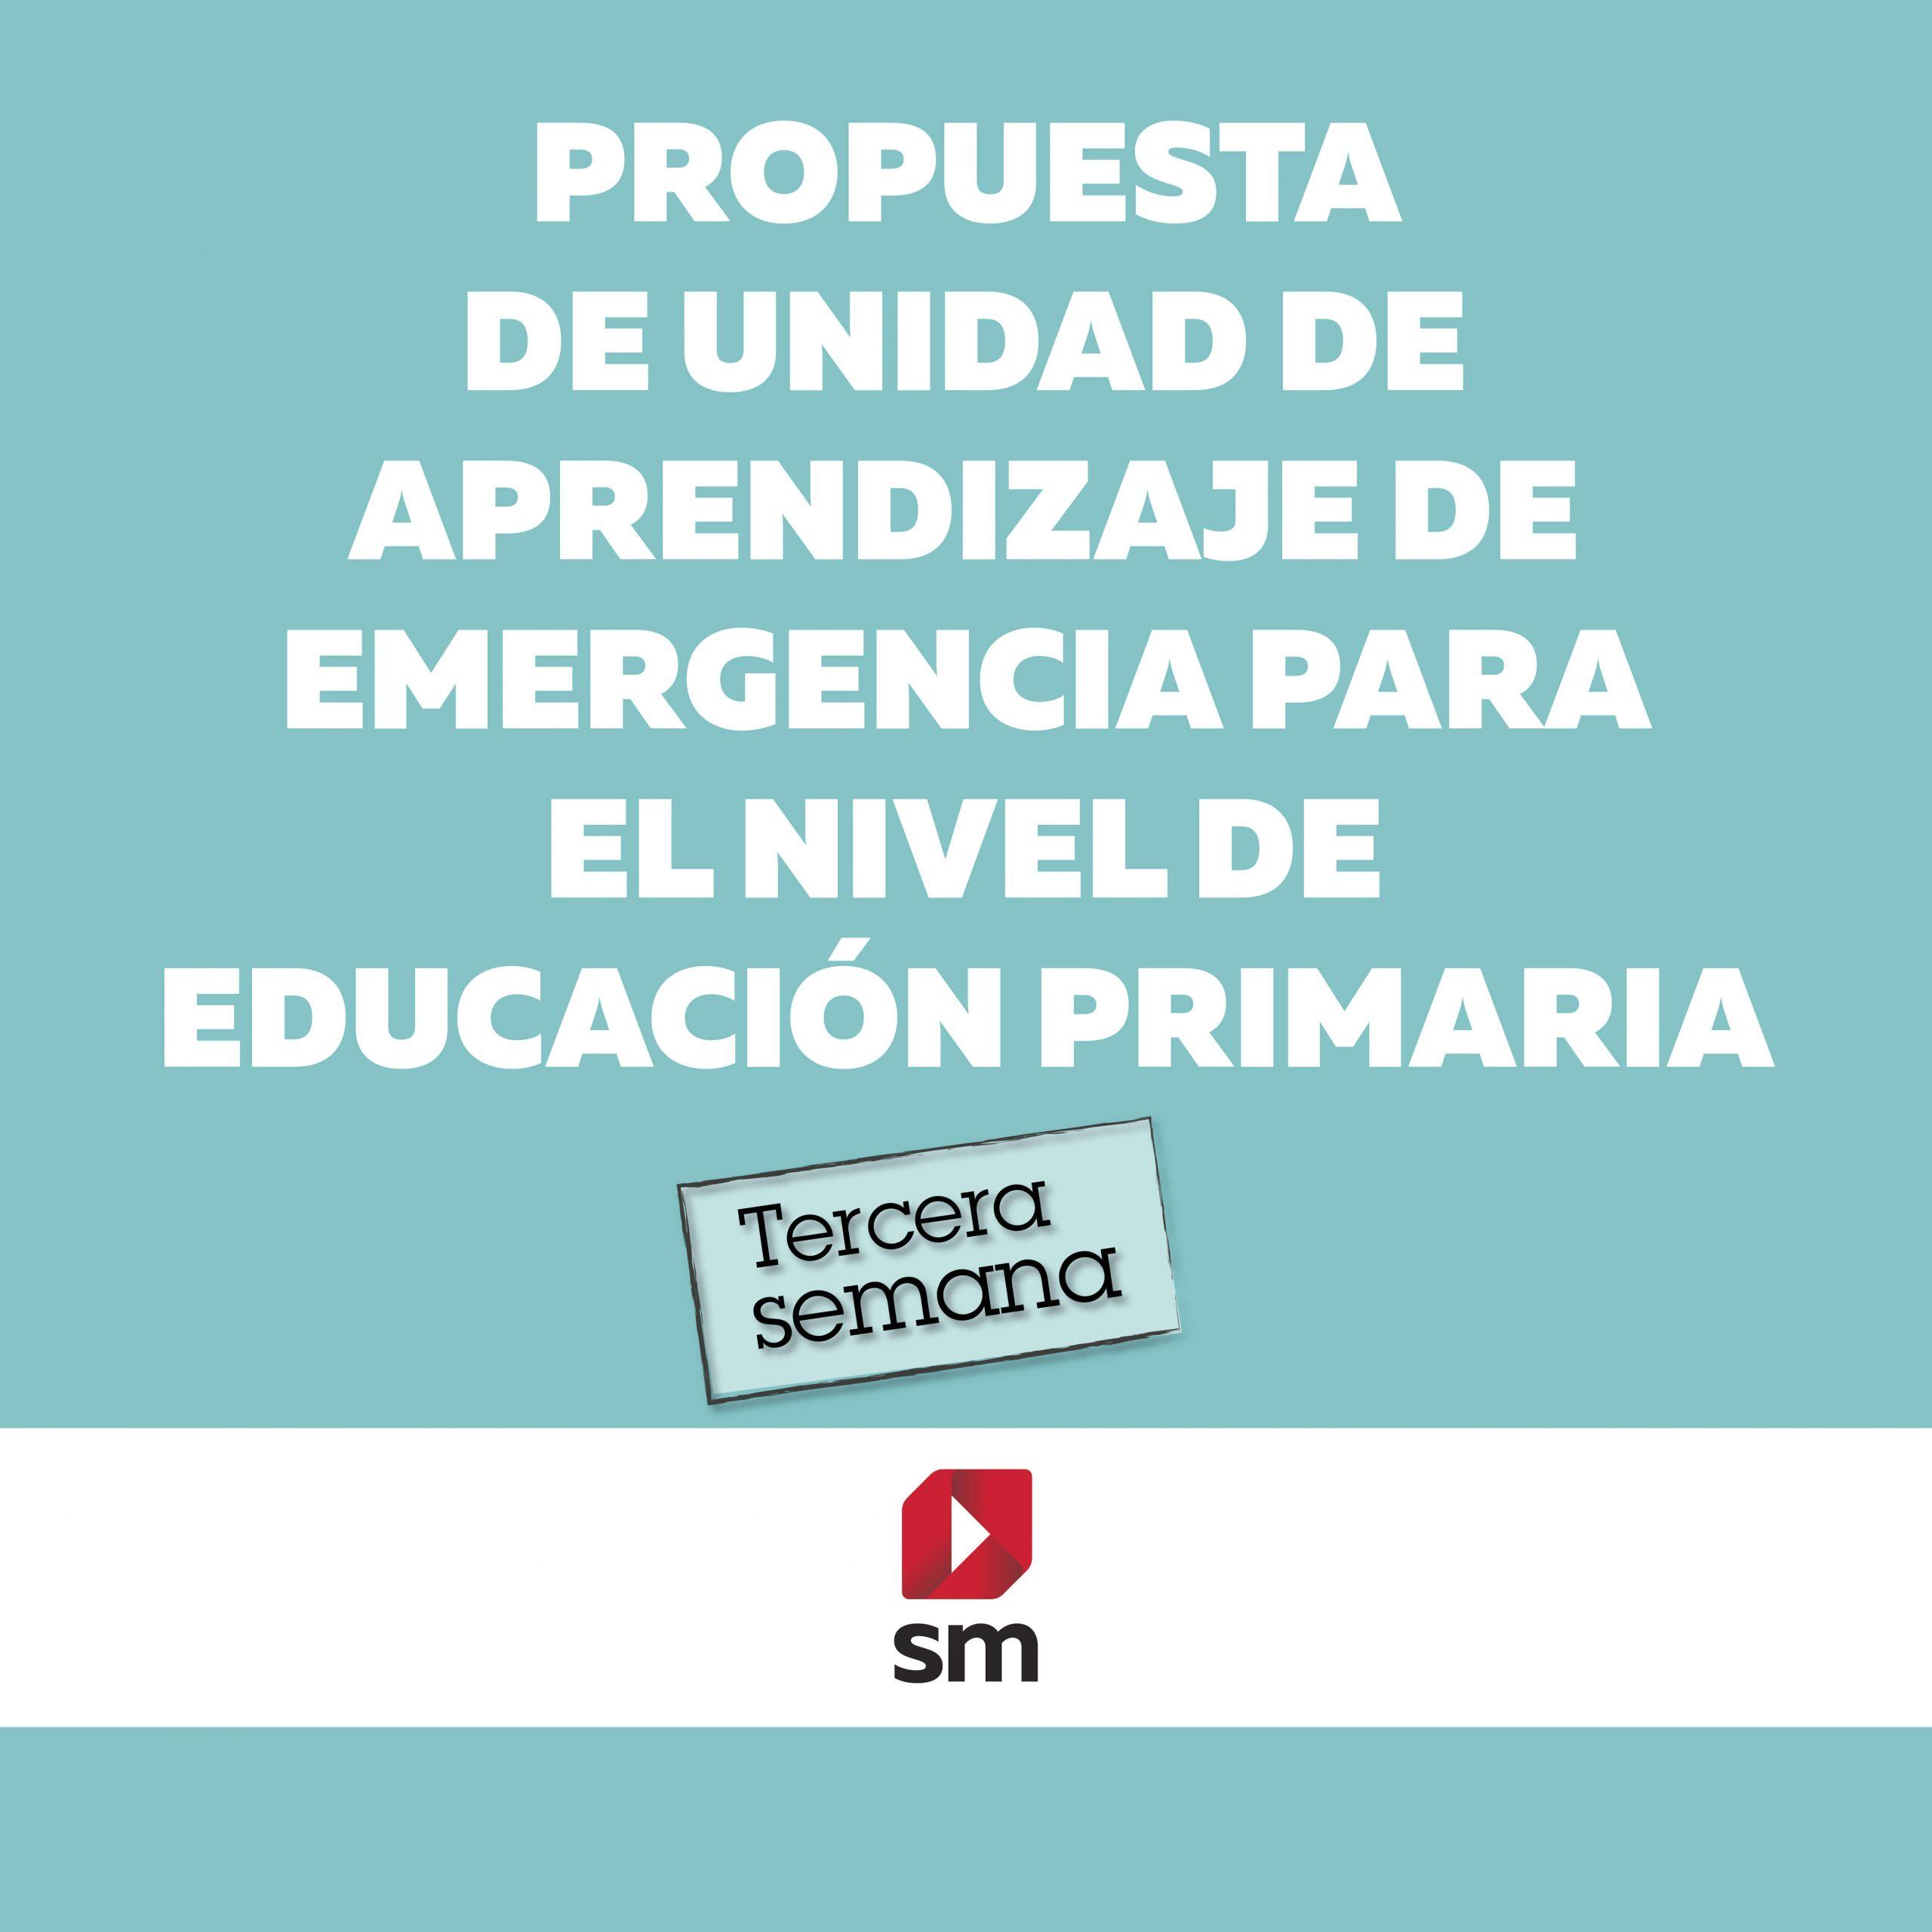 Propuesta de unidad de aprendizaje de emergencia para el nivel de educación primaria – tercera semana